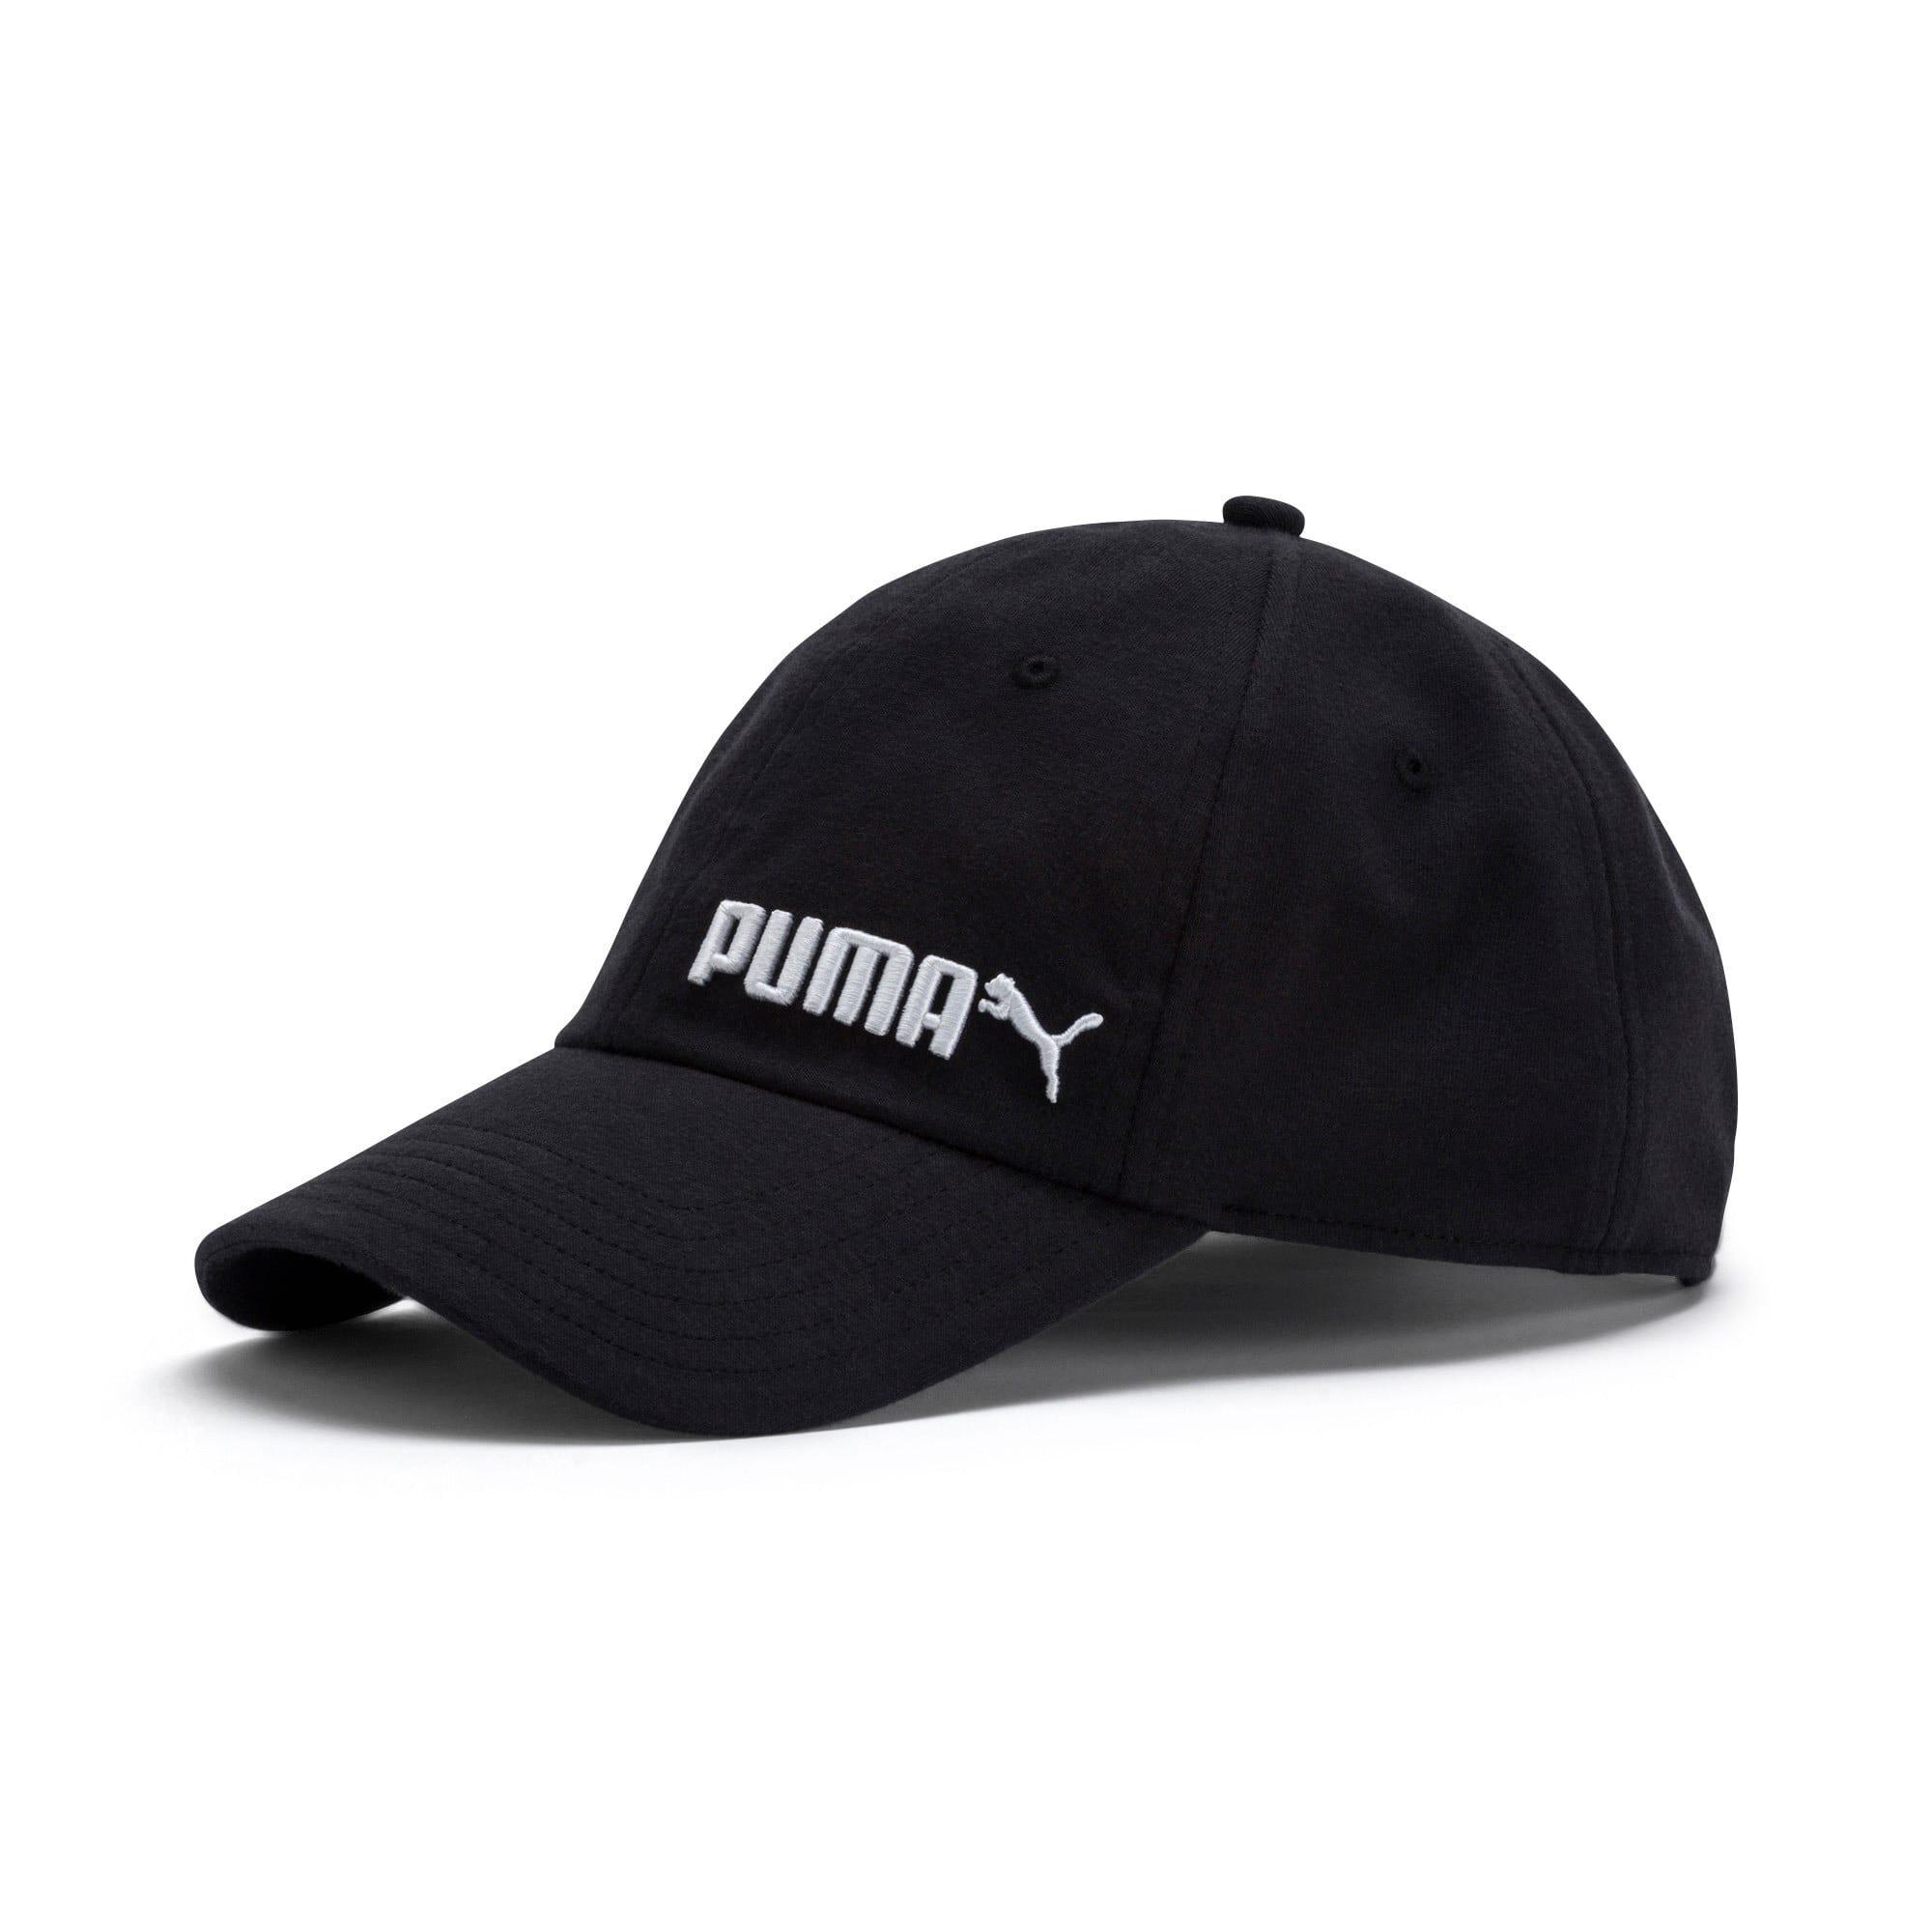 Thumbnail 1 of STYLE Fabric Cap, Puma Black, medium